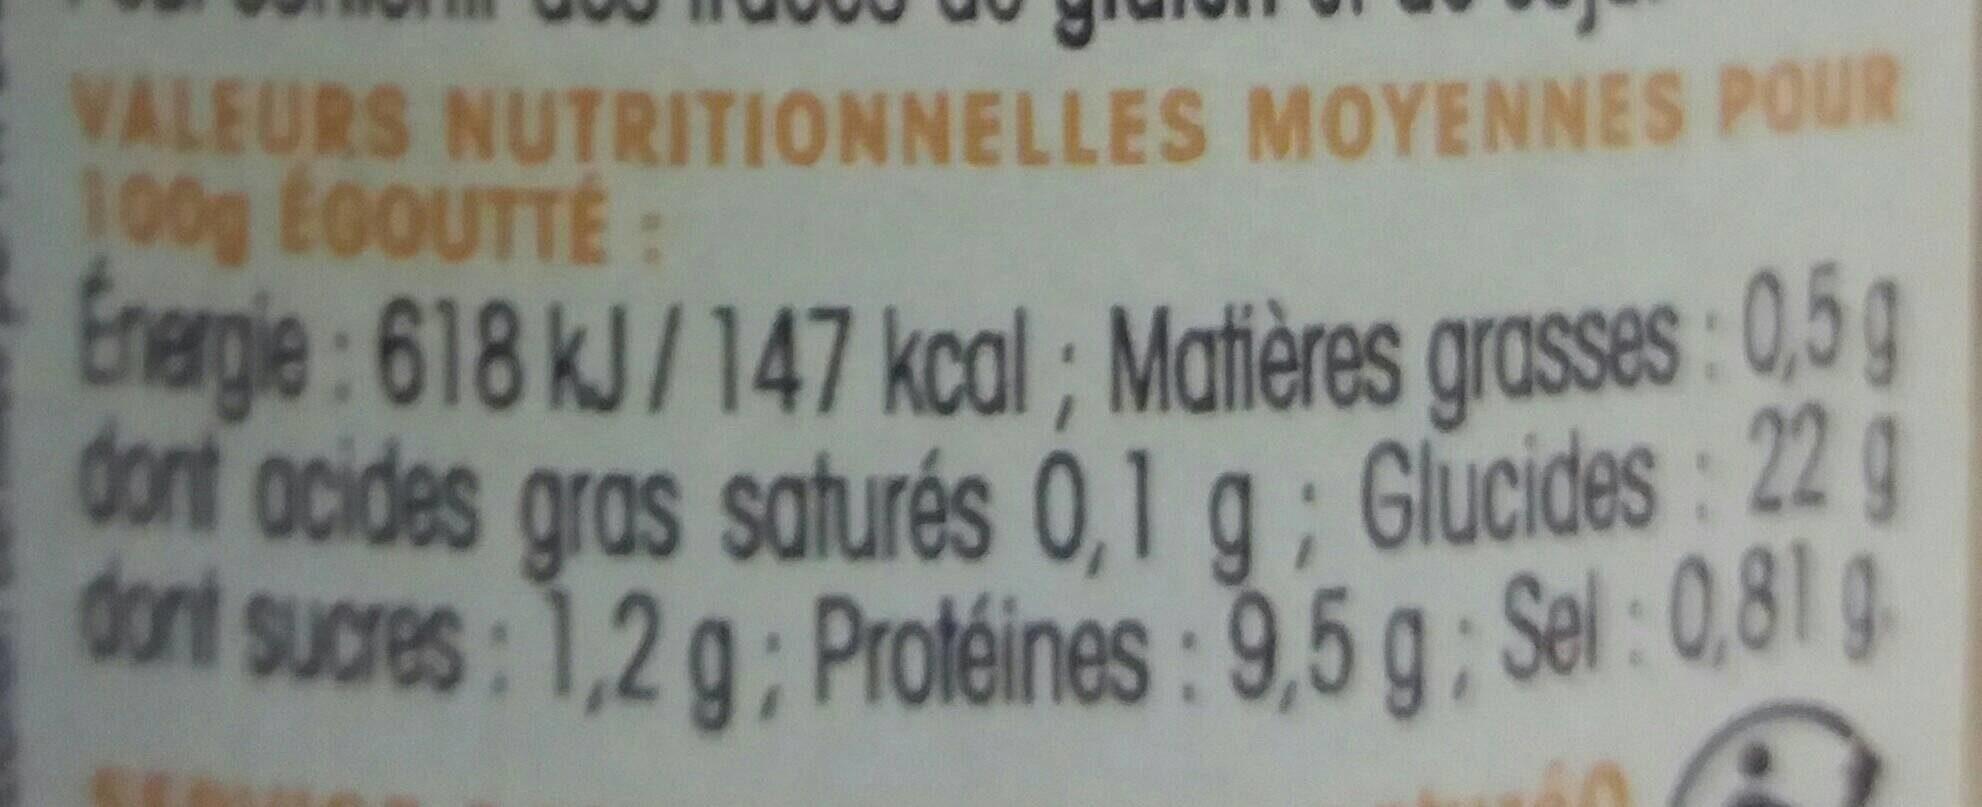 Mes Haricots blancs bio au naturel - Nutrition facts - fr